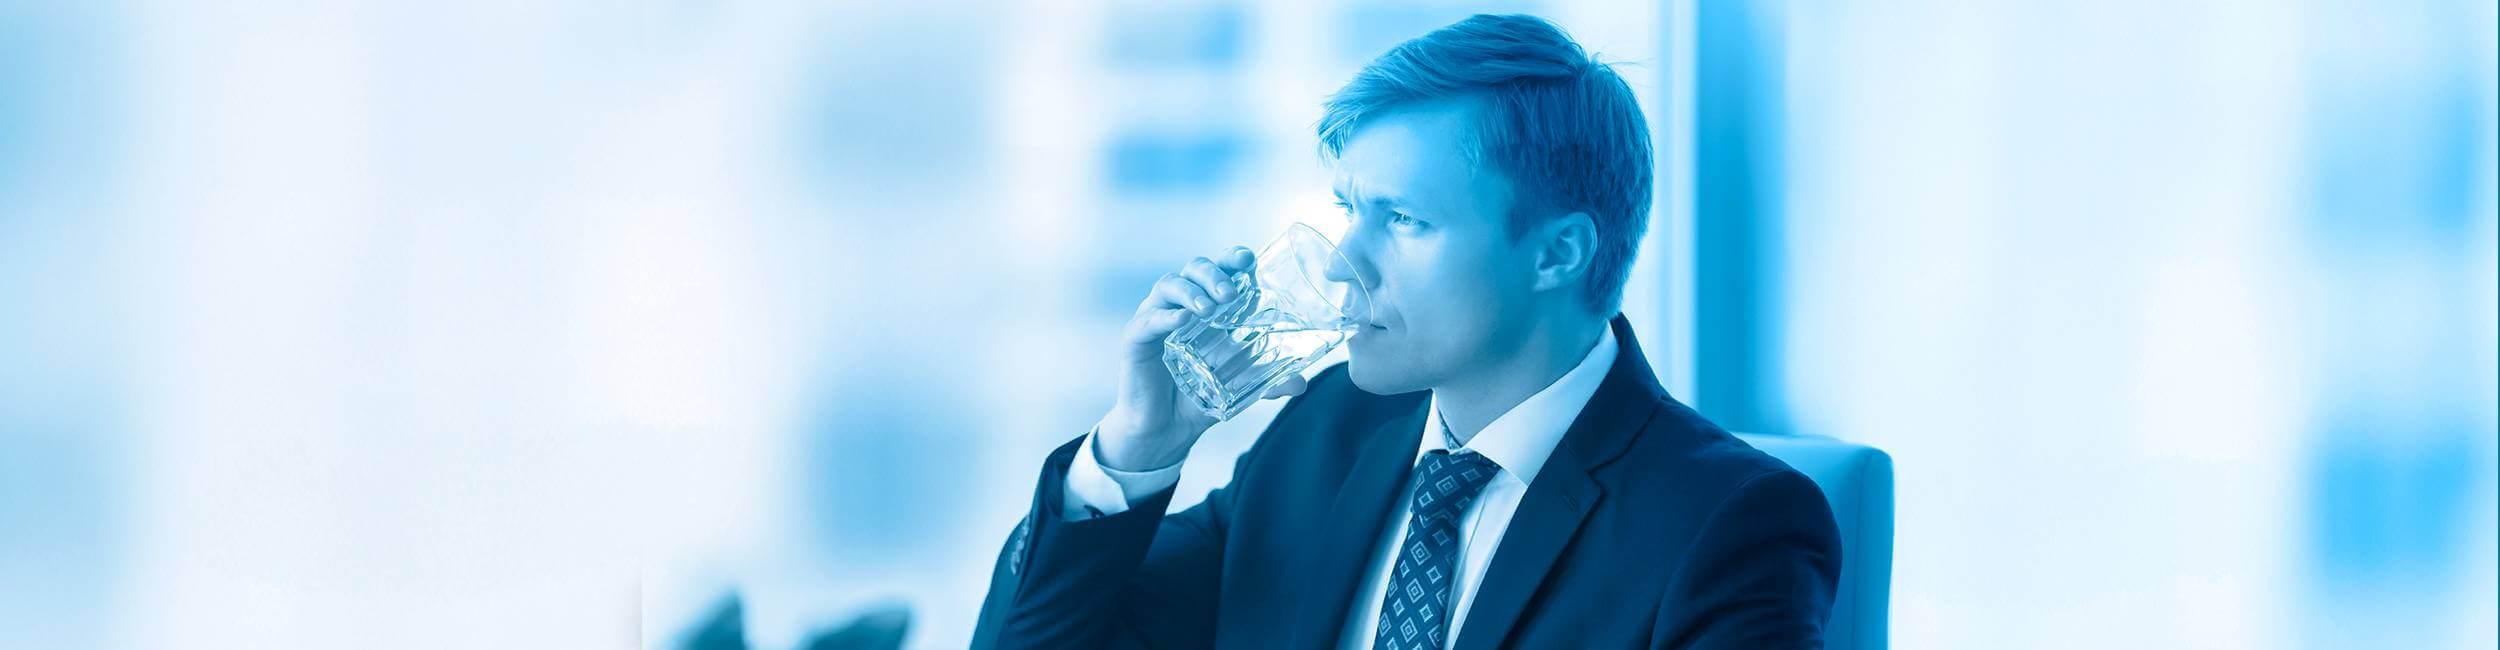 Εικόνα - Επιχειρηματίας πίνει νερό